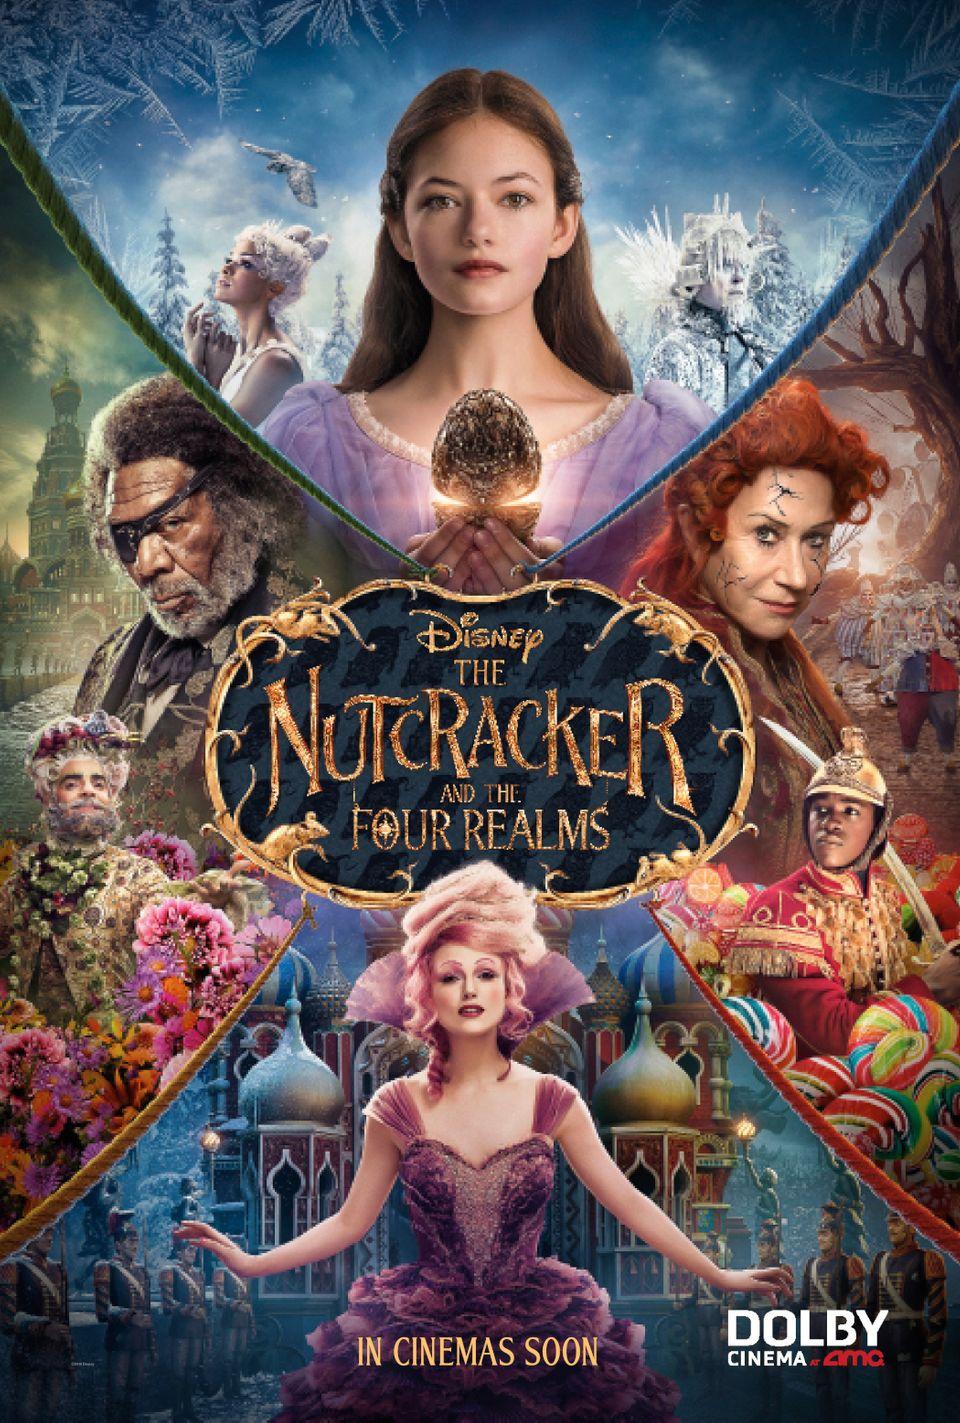 """ภ.ฝรั่ง """"THE NUTCRACKER AND THE FOUR REALMS : เดอะนัทแครกเกอร์กับสี่อาณาจักรมหัศจรรย์"""" (THE NUTCRACKER AND THE FOUR REALMS)"""